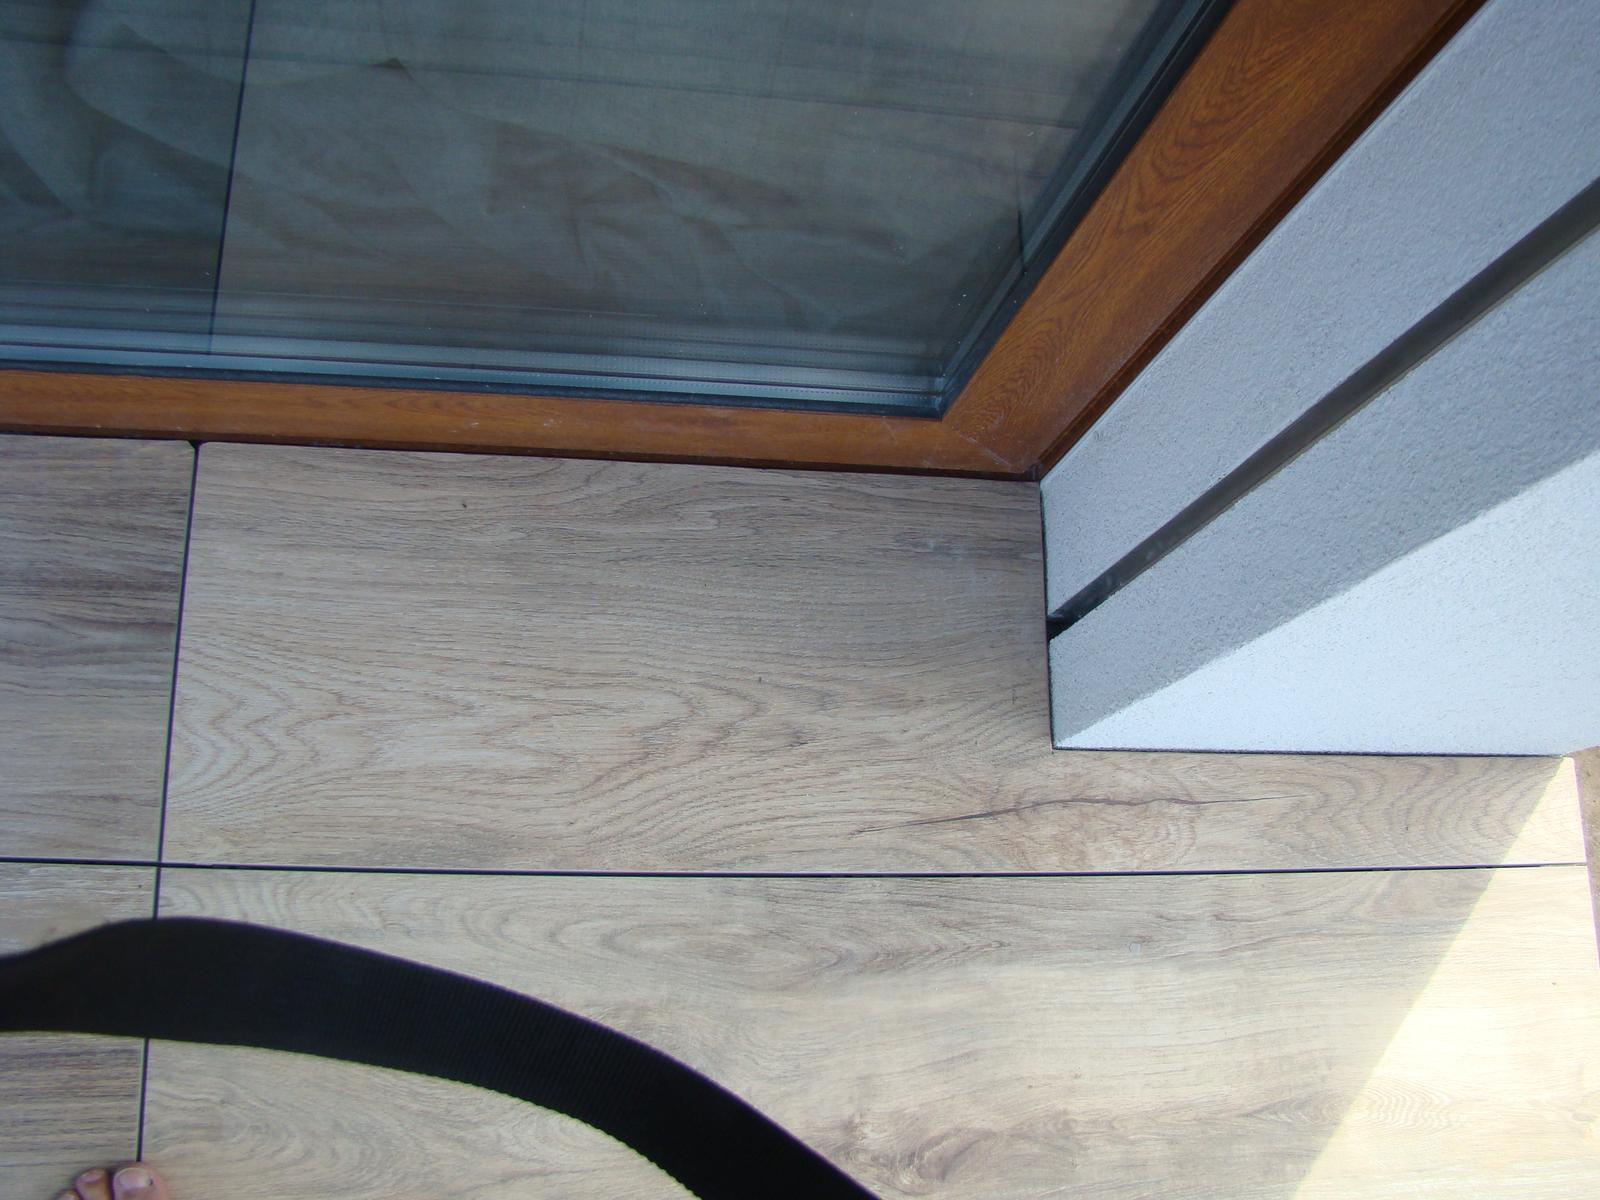 Terasa k domu - Pri dverách a stene sa to presne vyrezalo a je tam medzera 3 mm, ako všade inde.